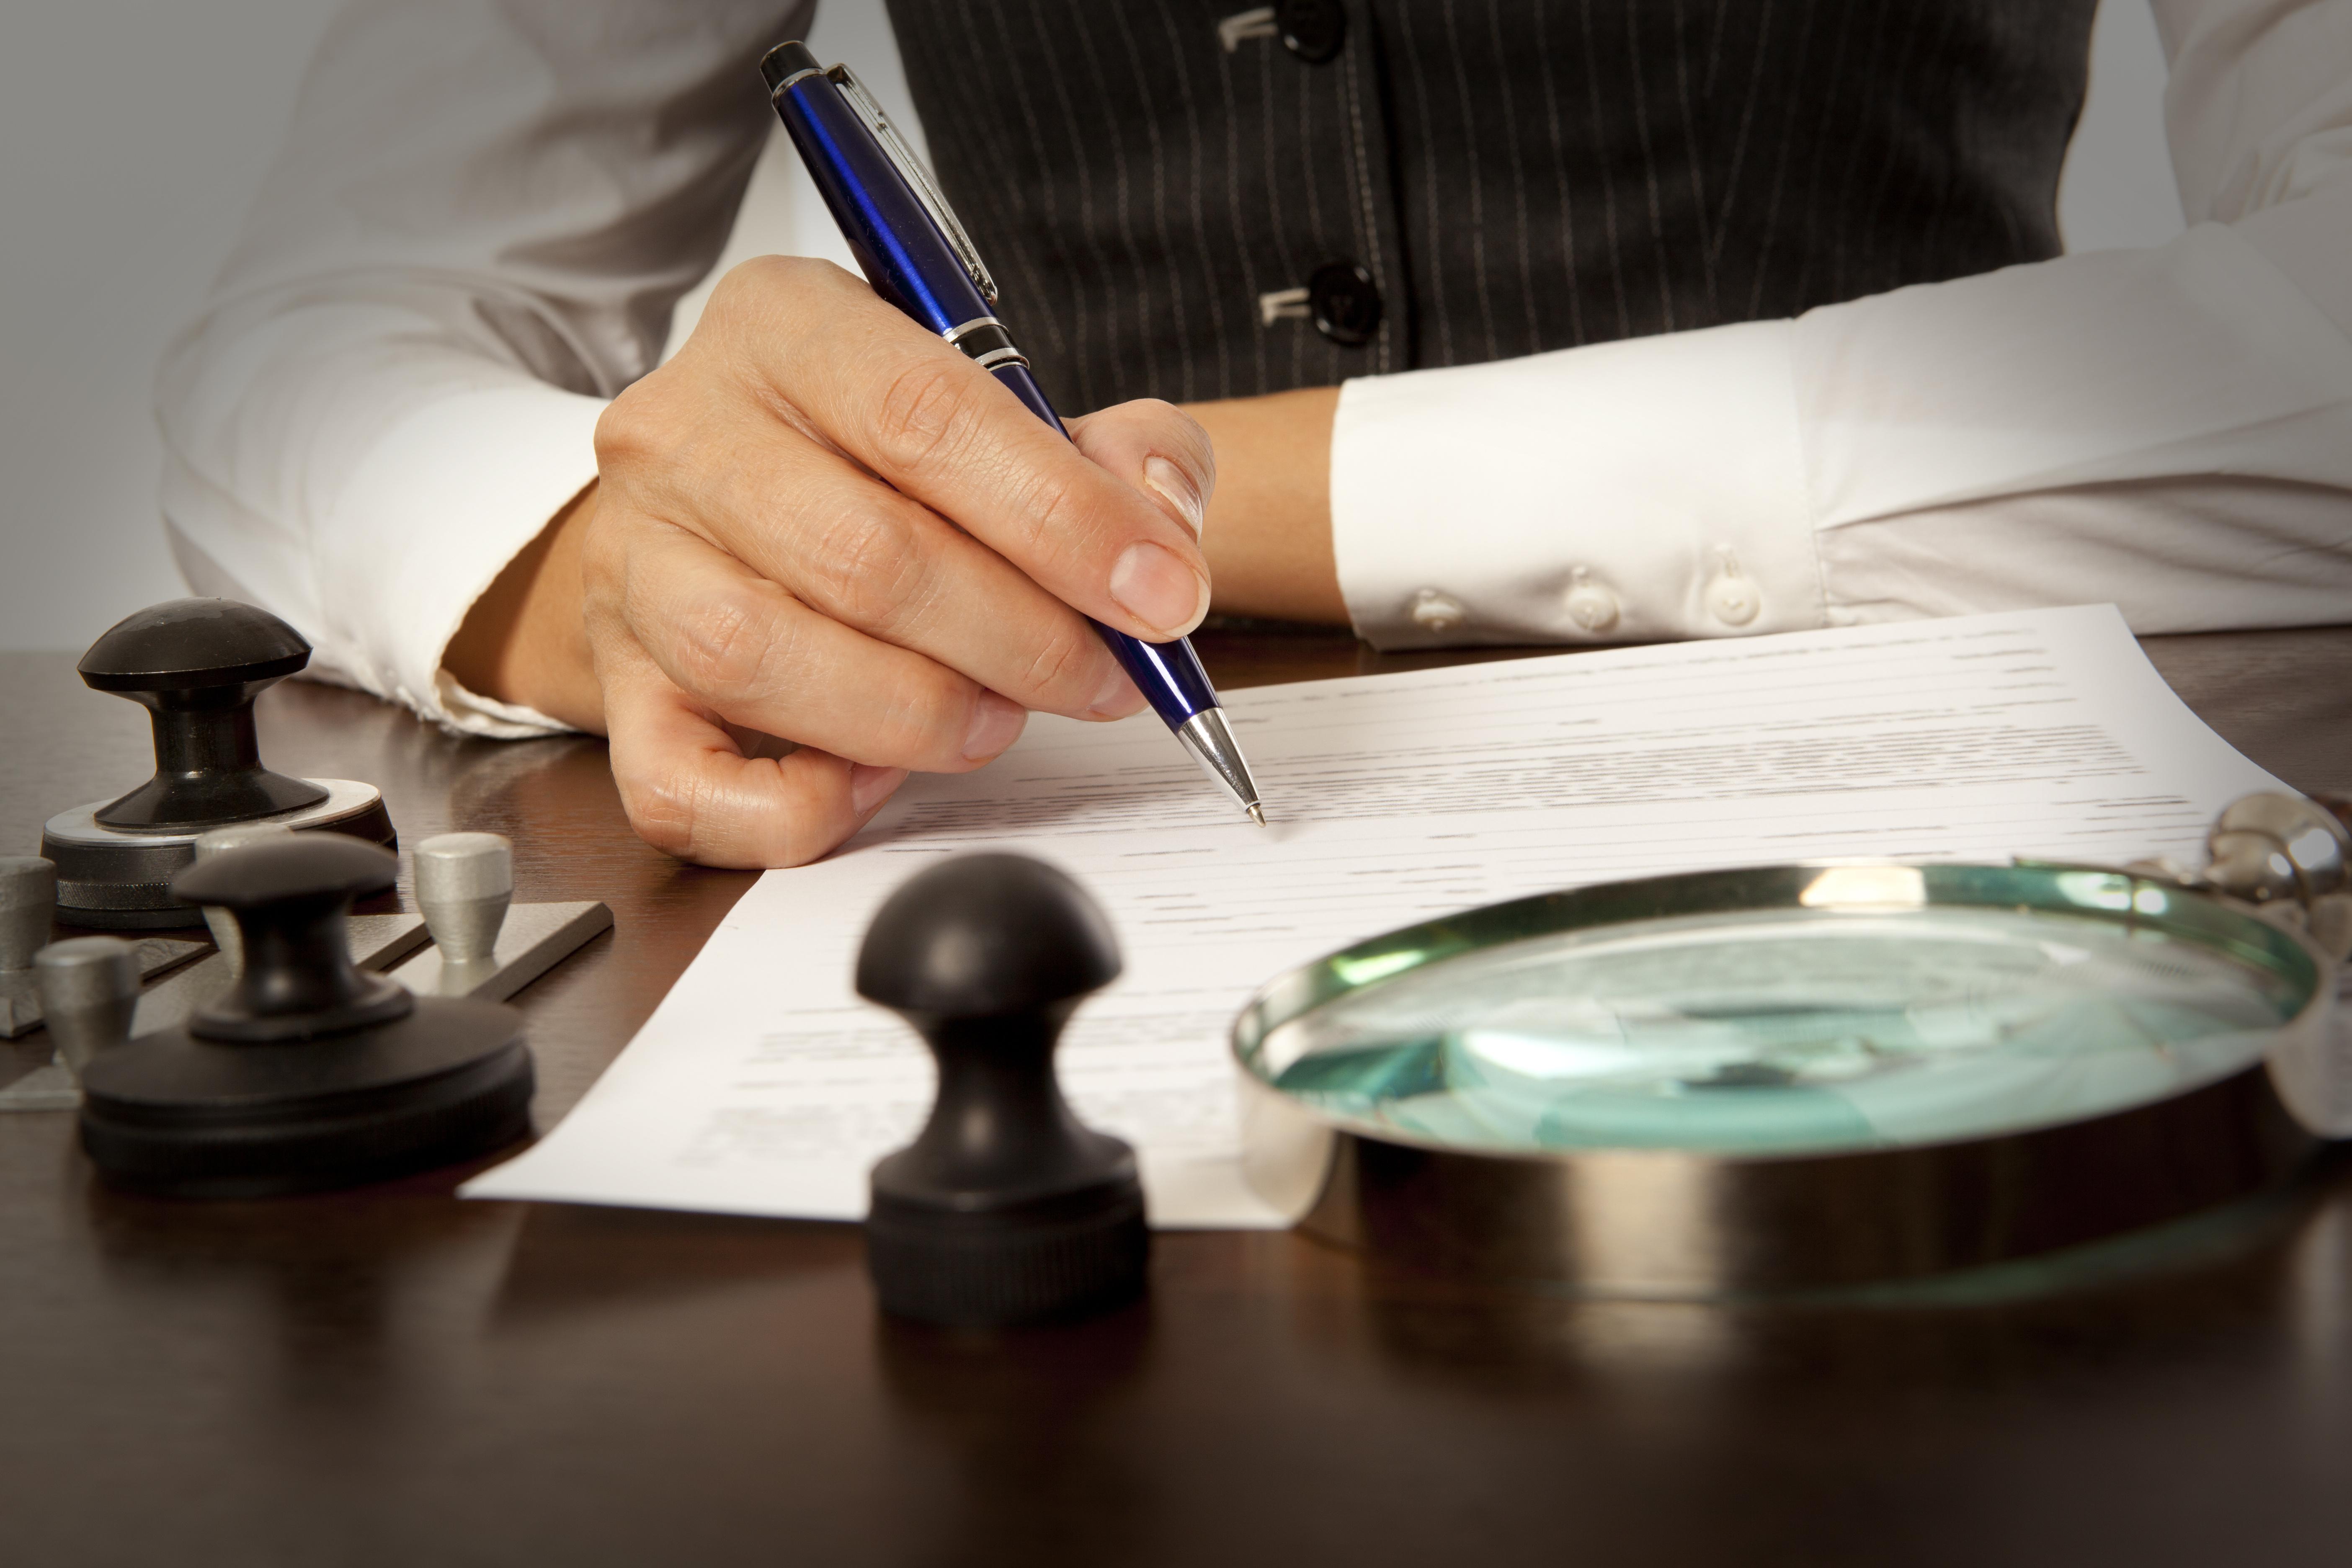 Muşat şi Asociaţii îşi întăreşte echipa cu şapte noi avocaţi şi deschide 14 poziţii în ariile de expertiză aflate în dezvoltare